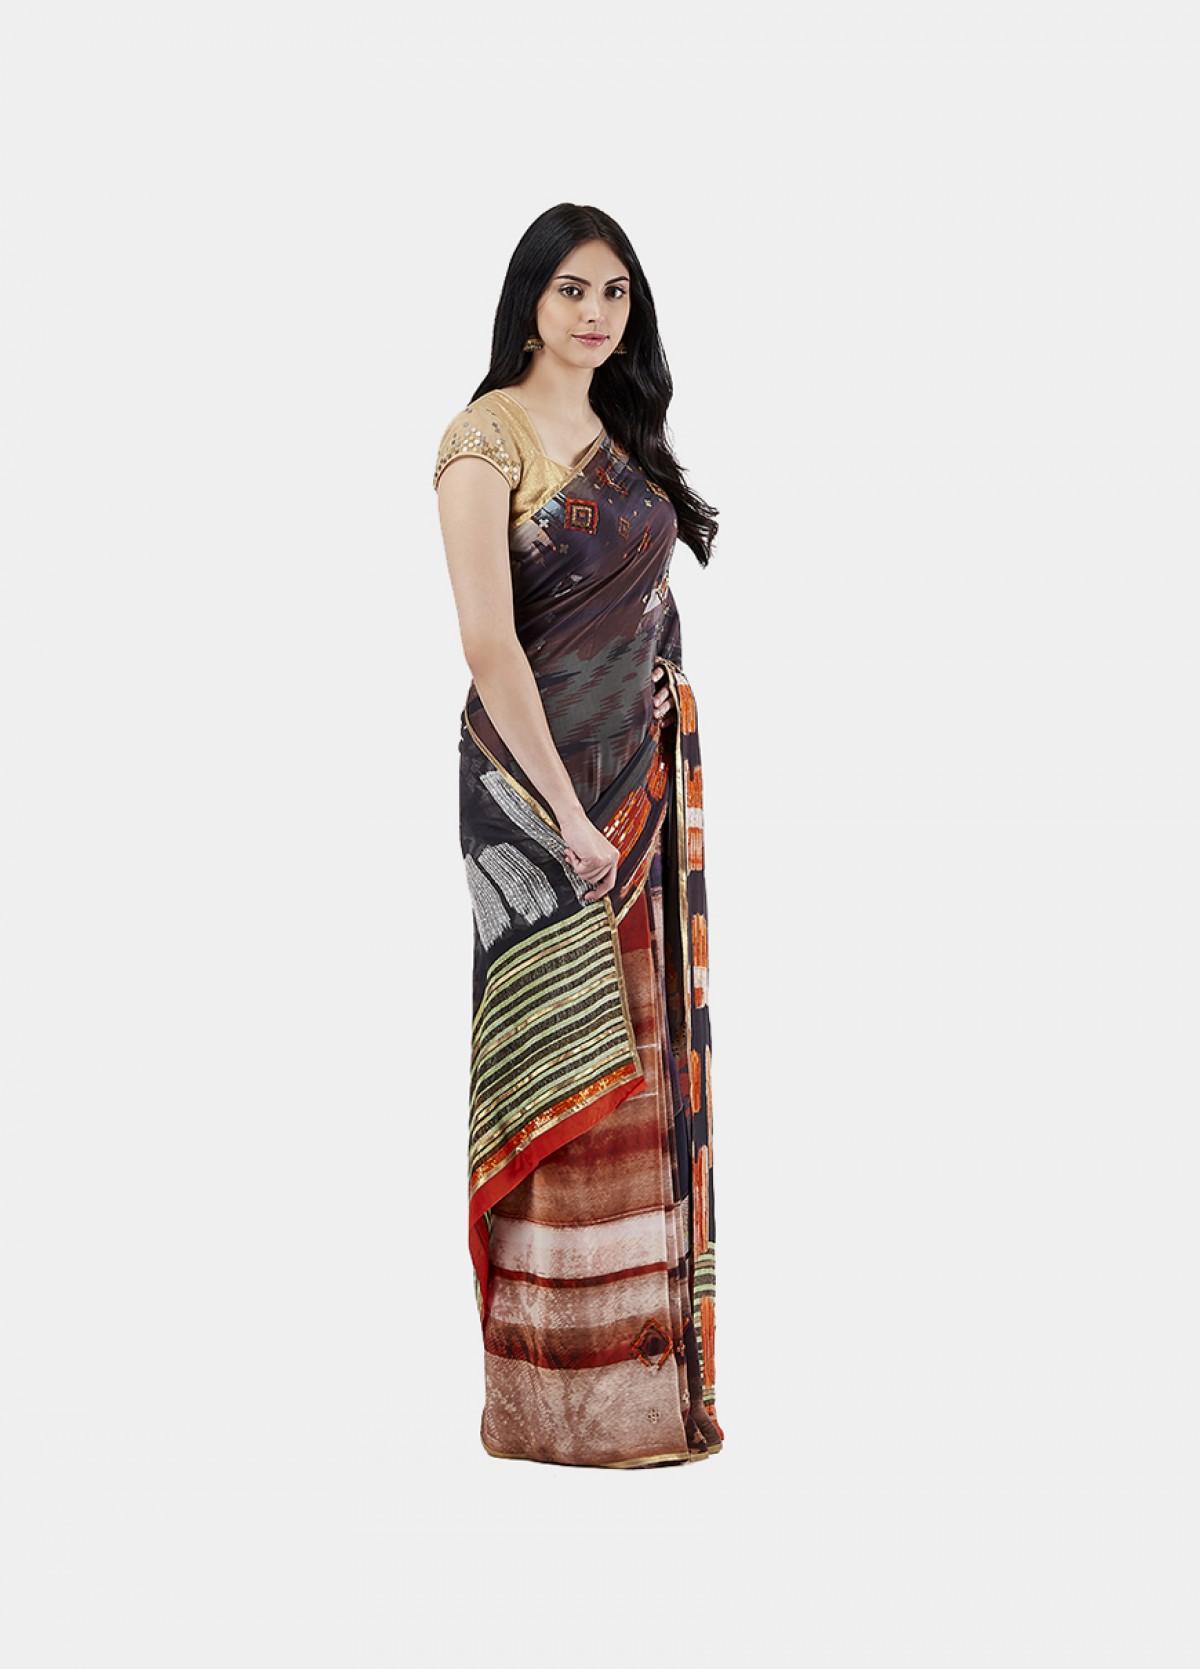 The Motif Collage Sari